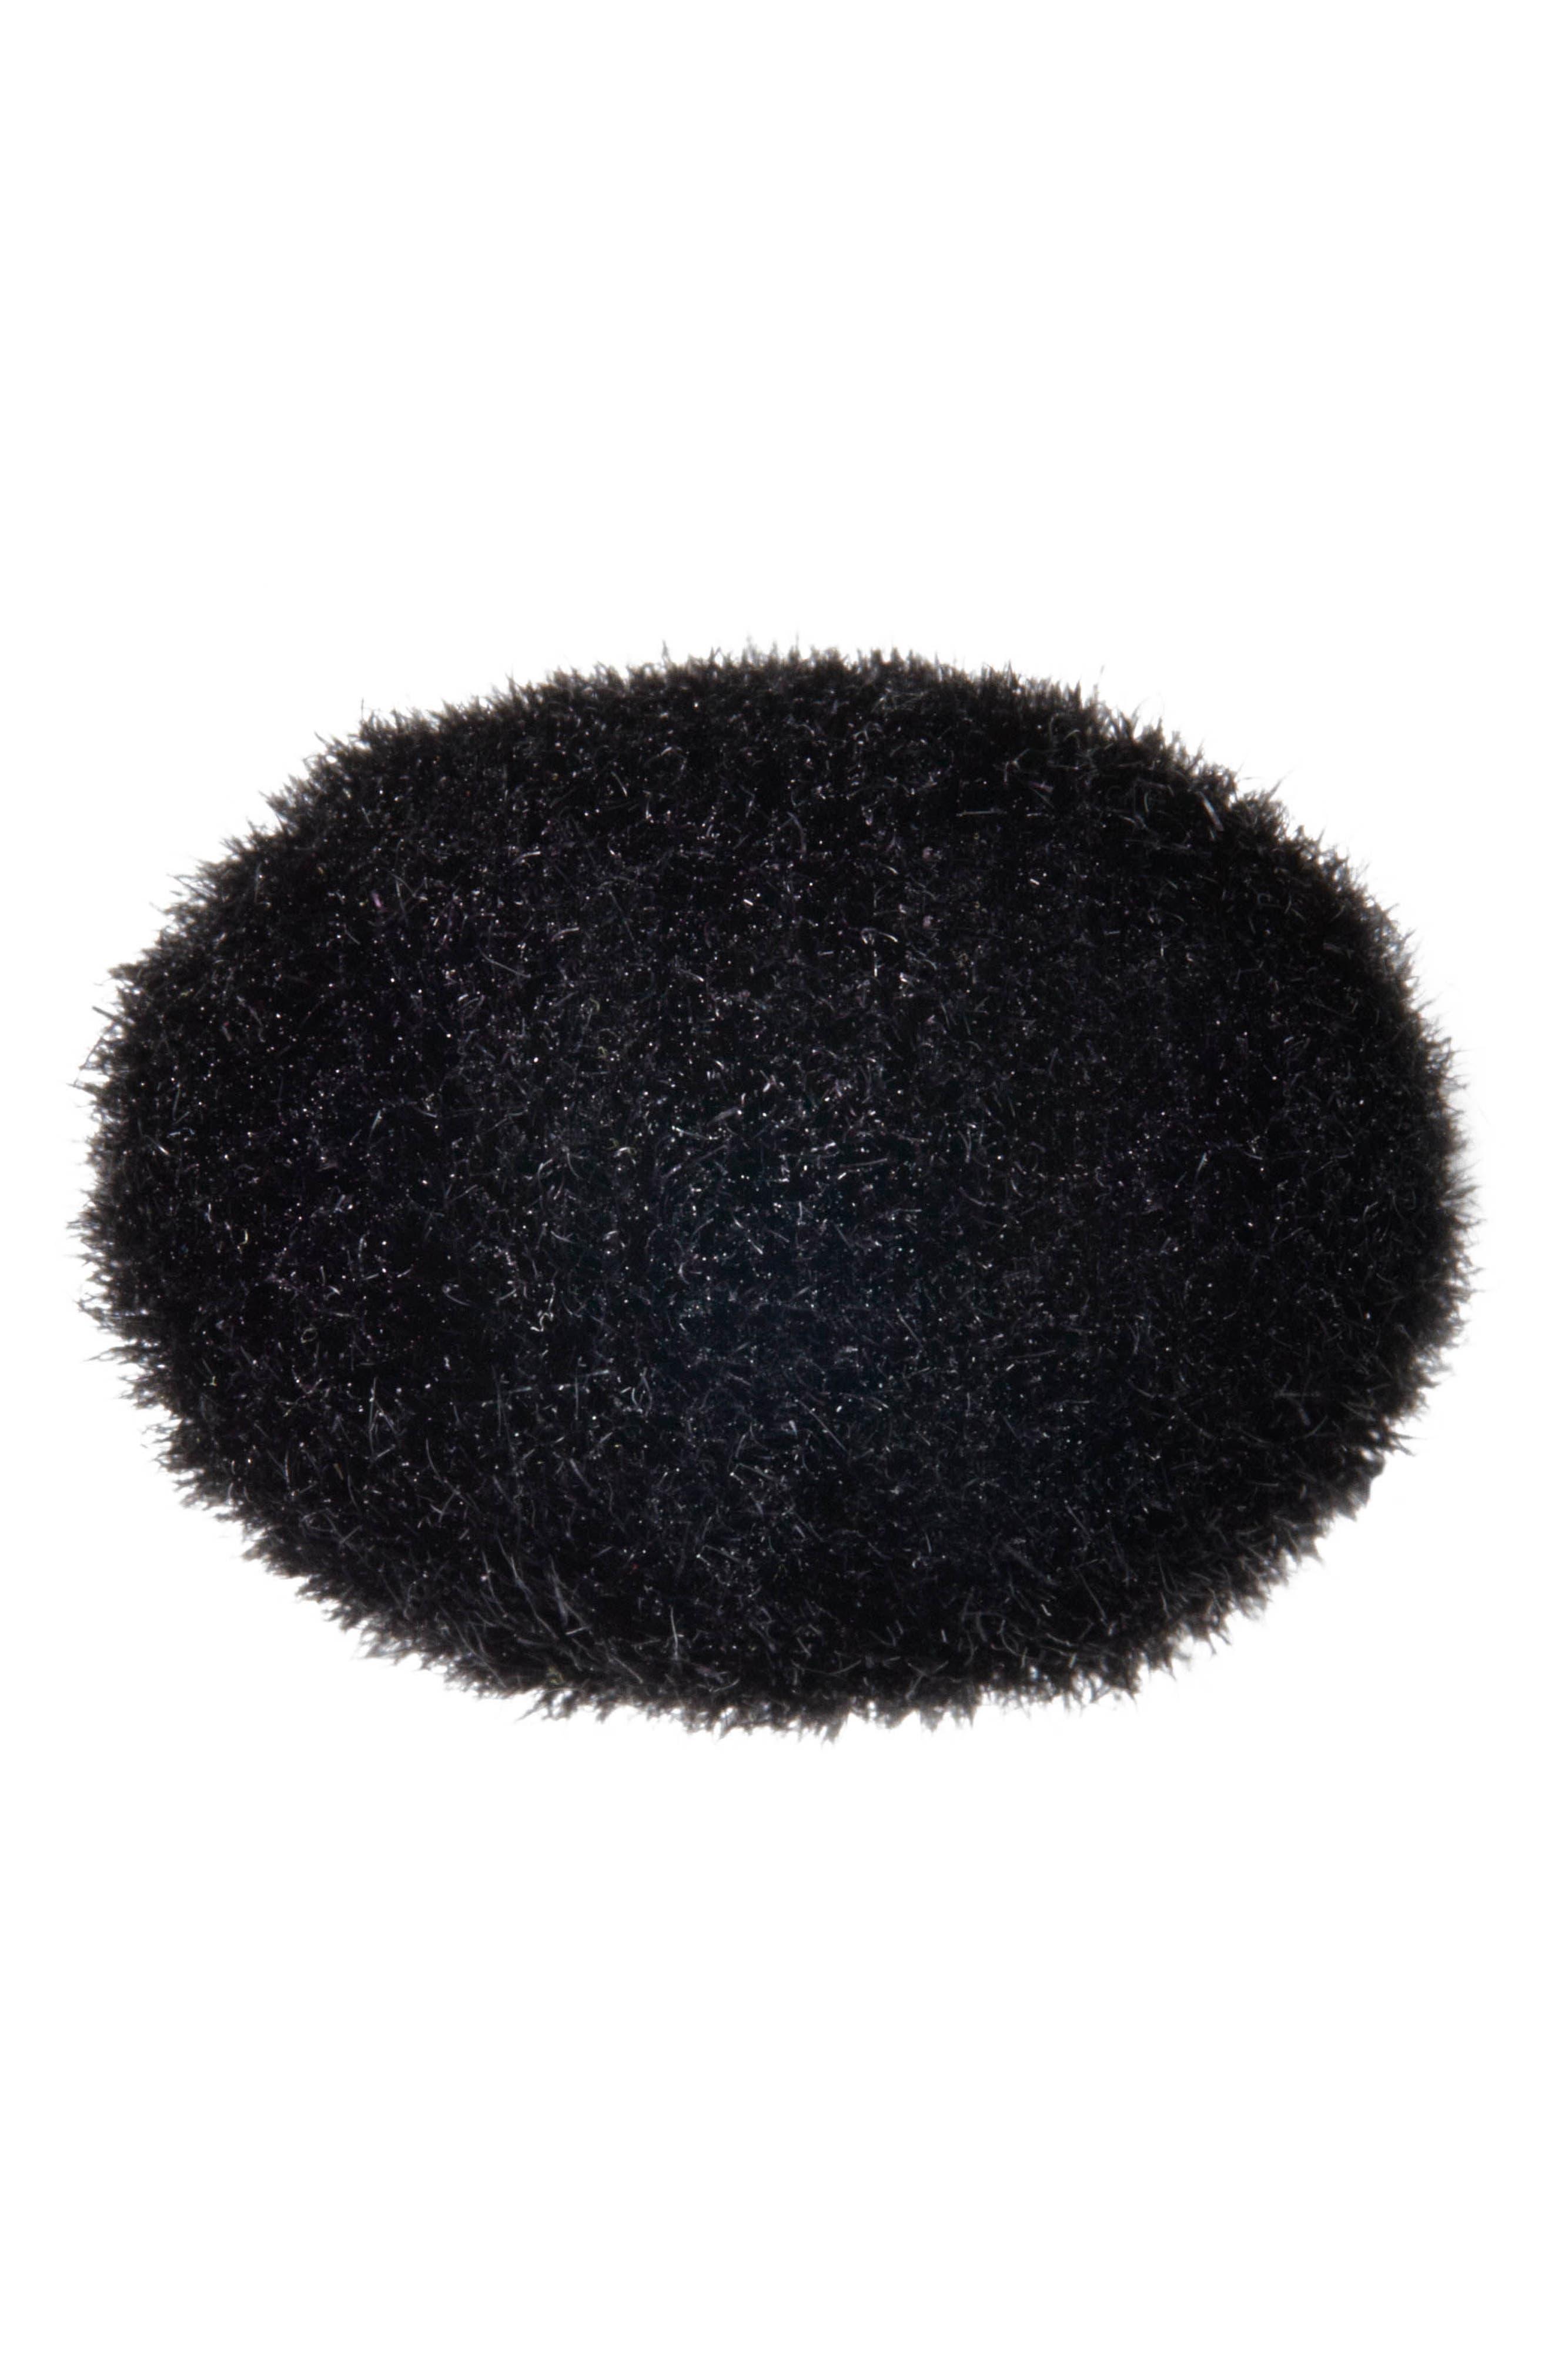 Alternate Image 3  - MAC 150S Synthetic Large Powder Brush